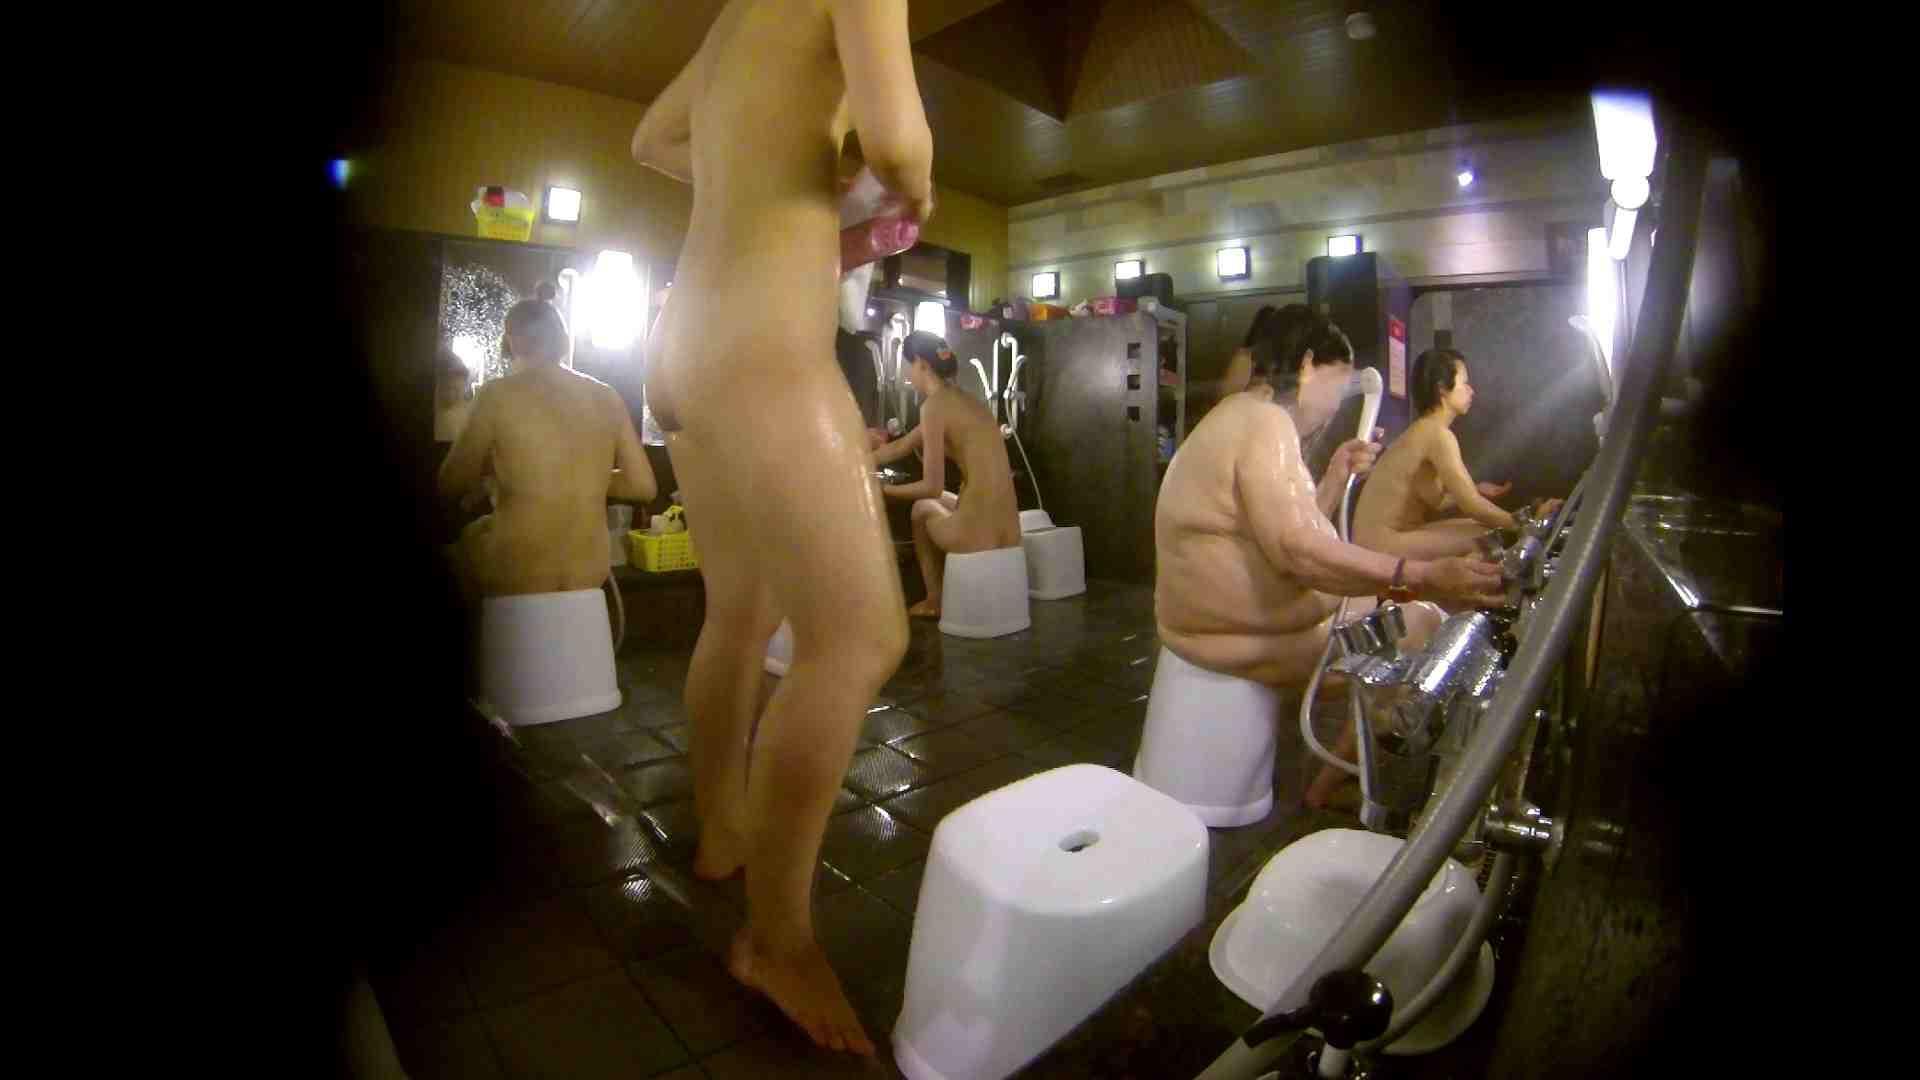 追い撮り!脱衣~洗い場、徹底追跡!撮り師さんに拍手!! 美乳 ワレメ動画紹介 95画像 75